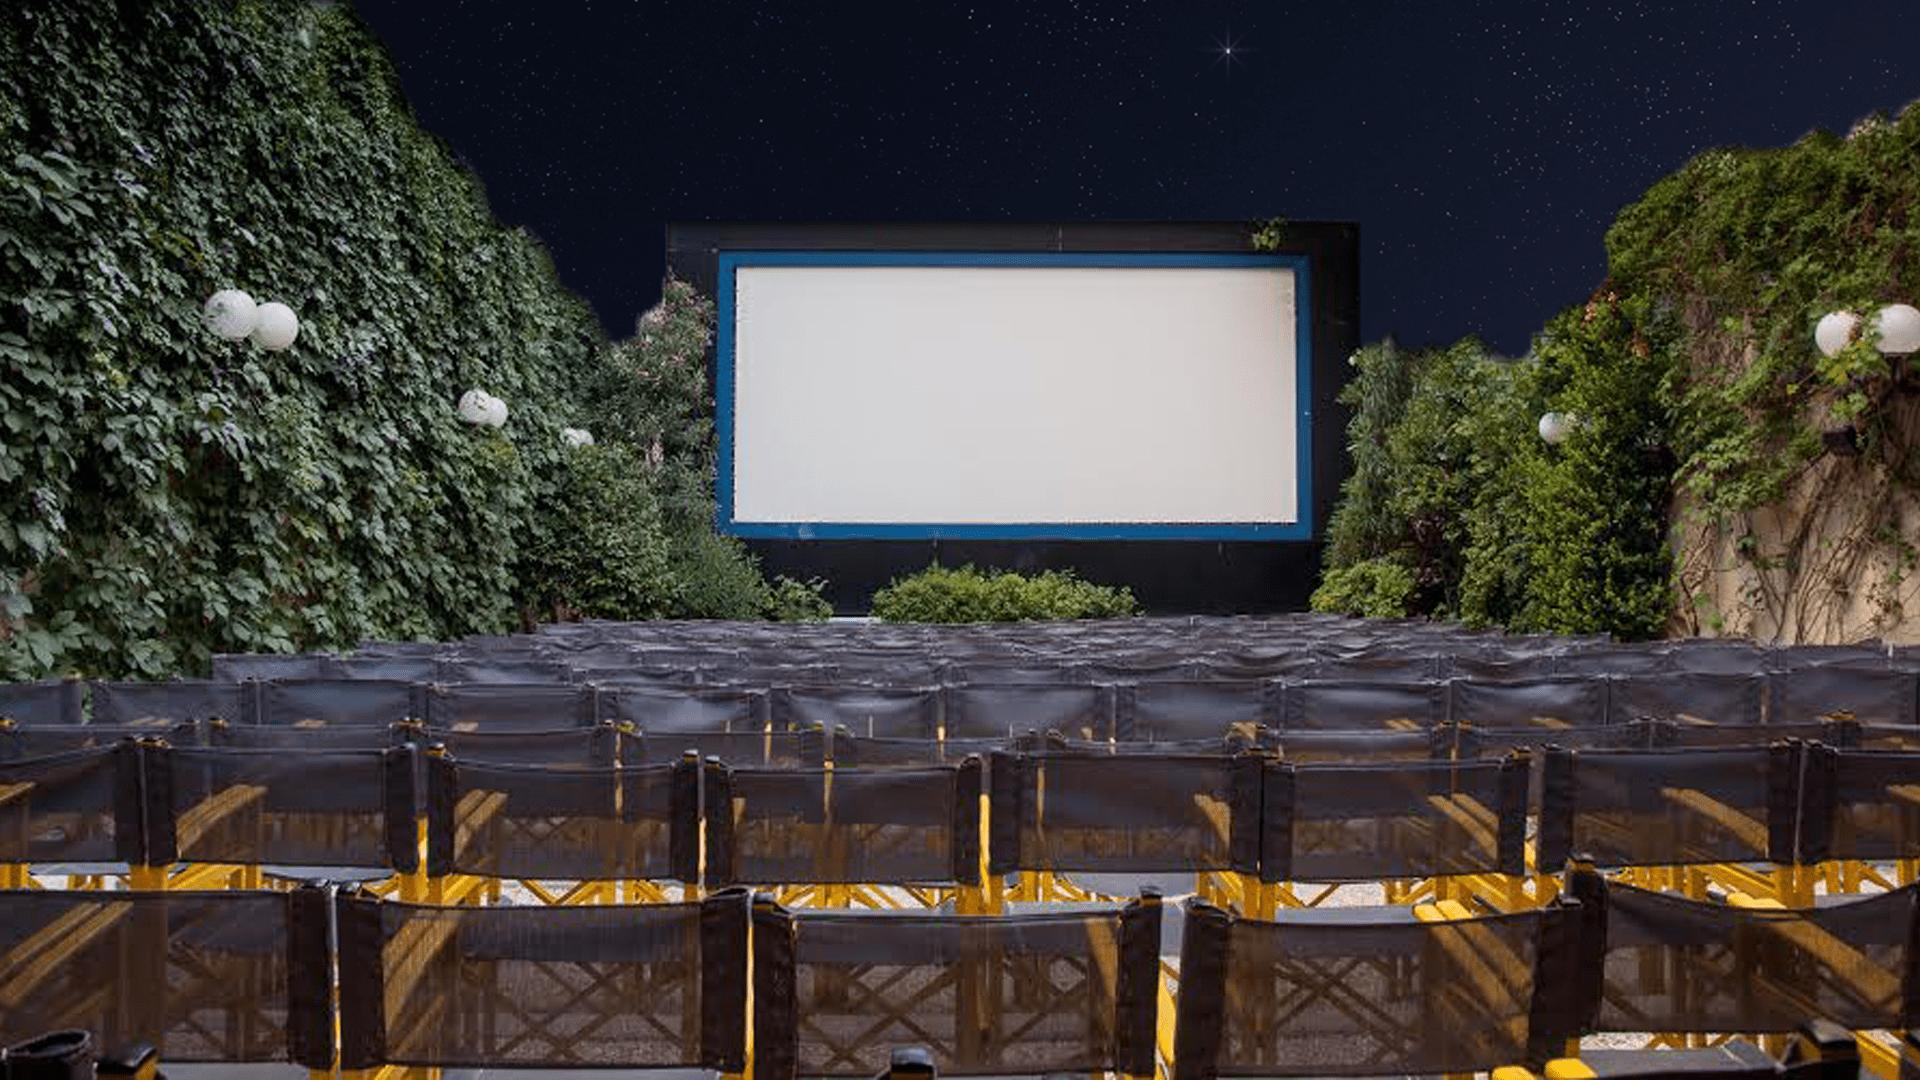 Ποιο Θερινό Σινεμά του Αθηναϊκού κέντρου σου ταιριάζει; - Sportime.GR